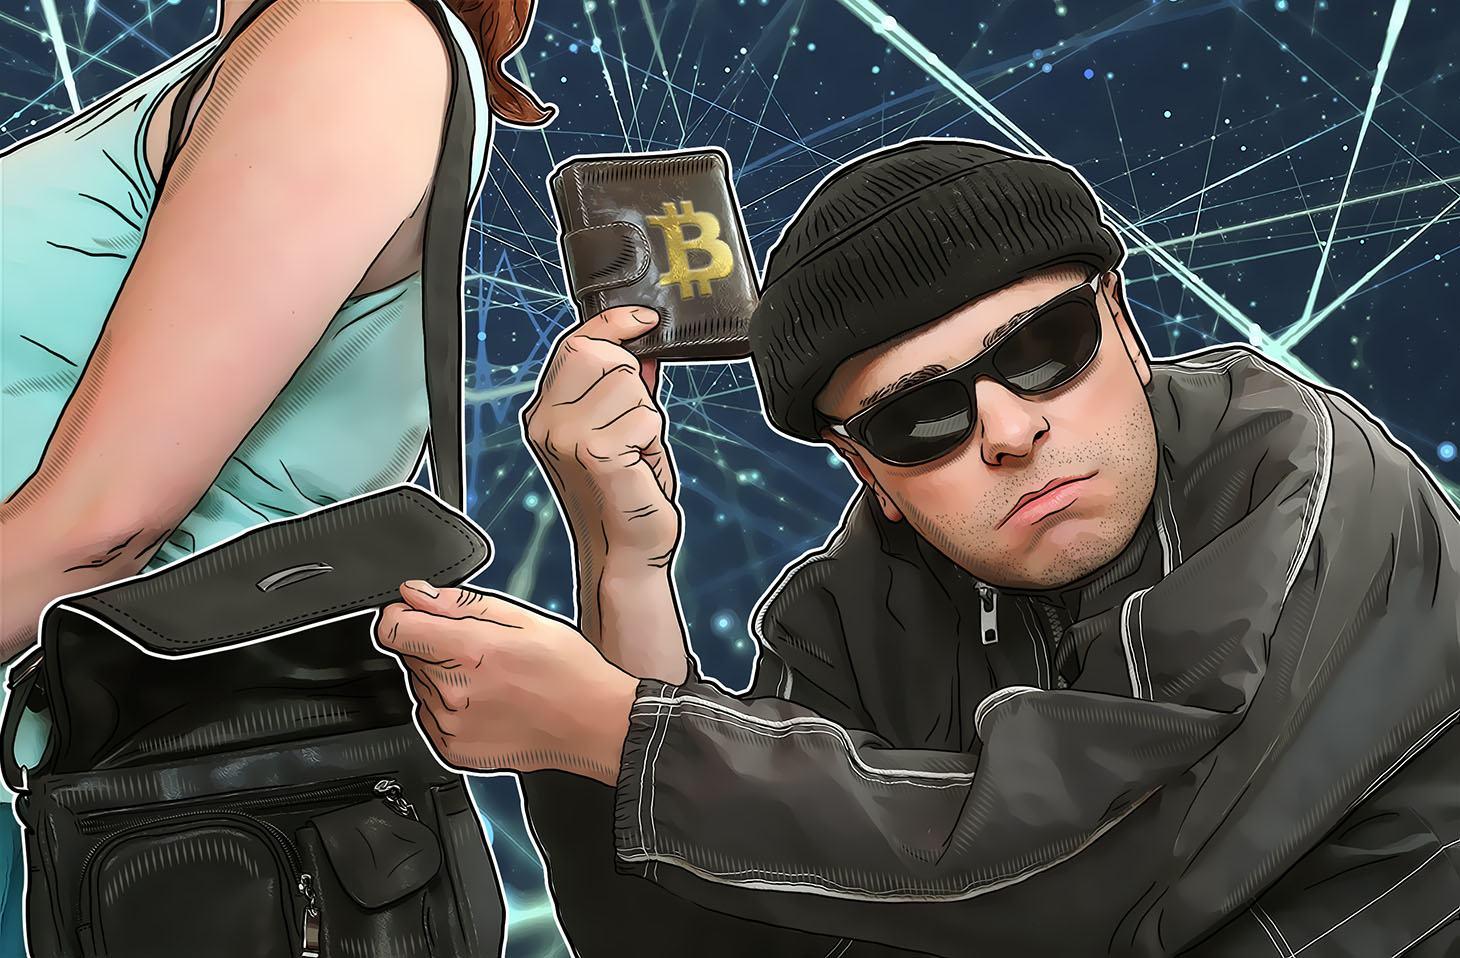 Il Tojan Rezy installa di nascosto estensioni dannose per Chrome e Firefox per proporre link di phishing e rubare criptomonete.